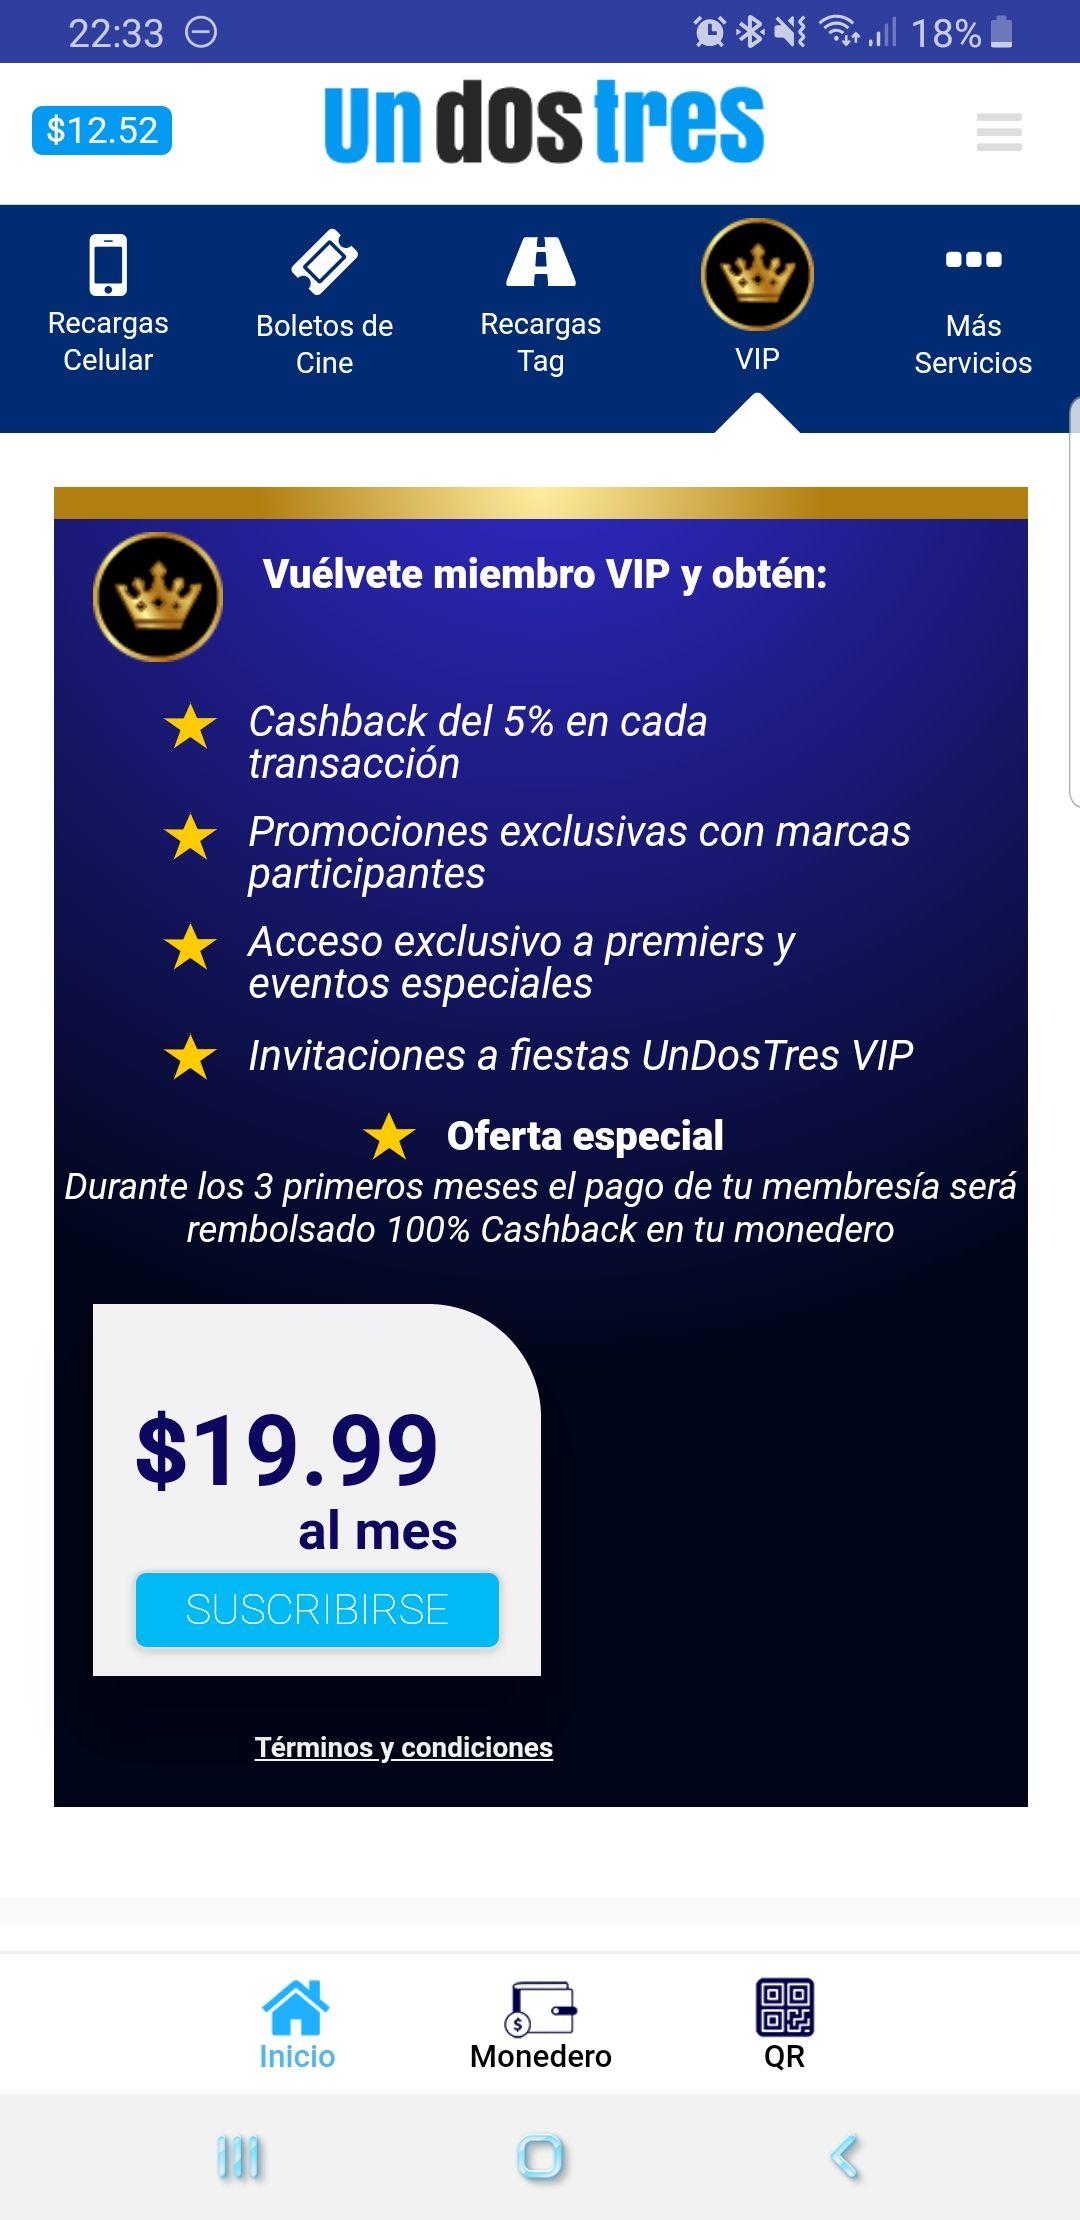 Undostres: Cashback de 5% al registrarte en VIP y los 3 primeros meses pago de membresía rembolsado al 100% en Cashback